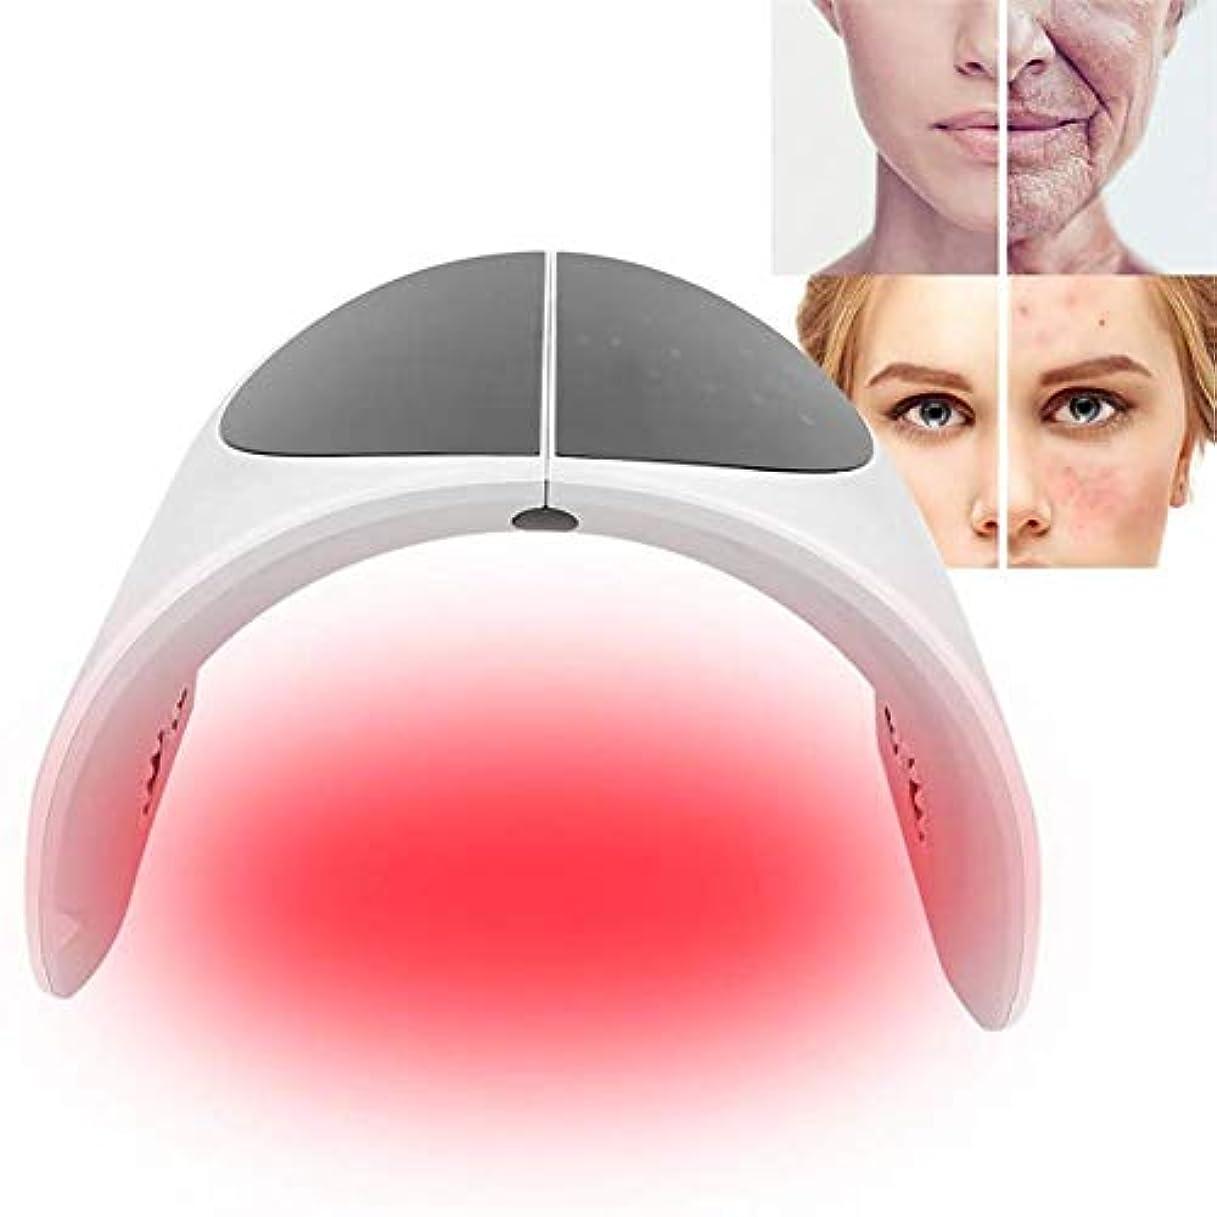 つぶやき小売キラウエア山7色LEDマスクフォトンライトビューティーマスク、肌の若返りにきび治療フェイシャルケアマシンホームサロンの使用